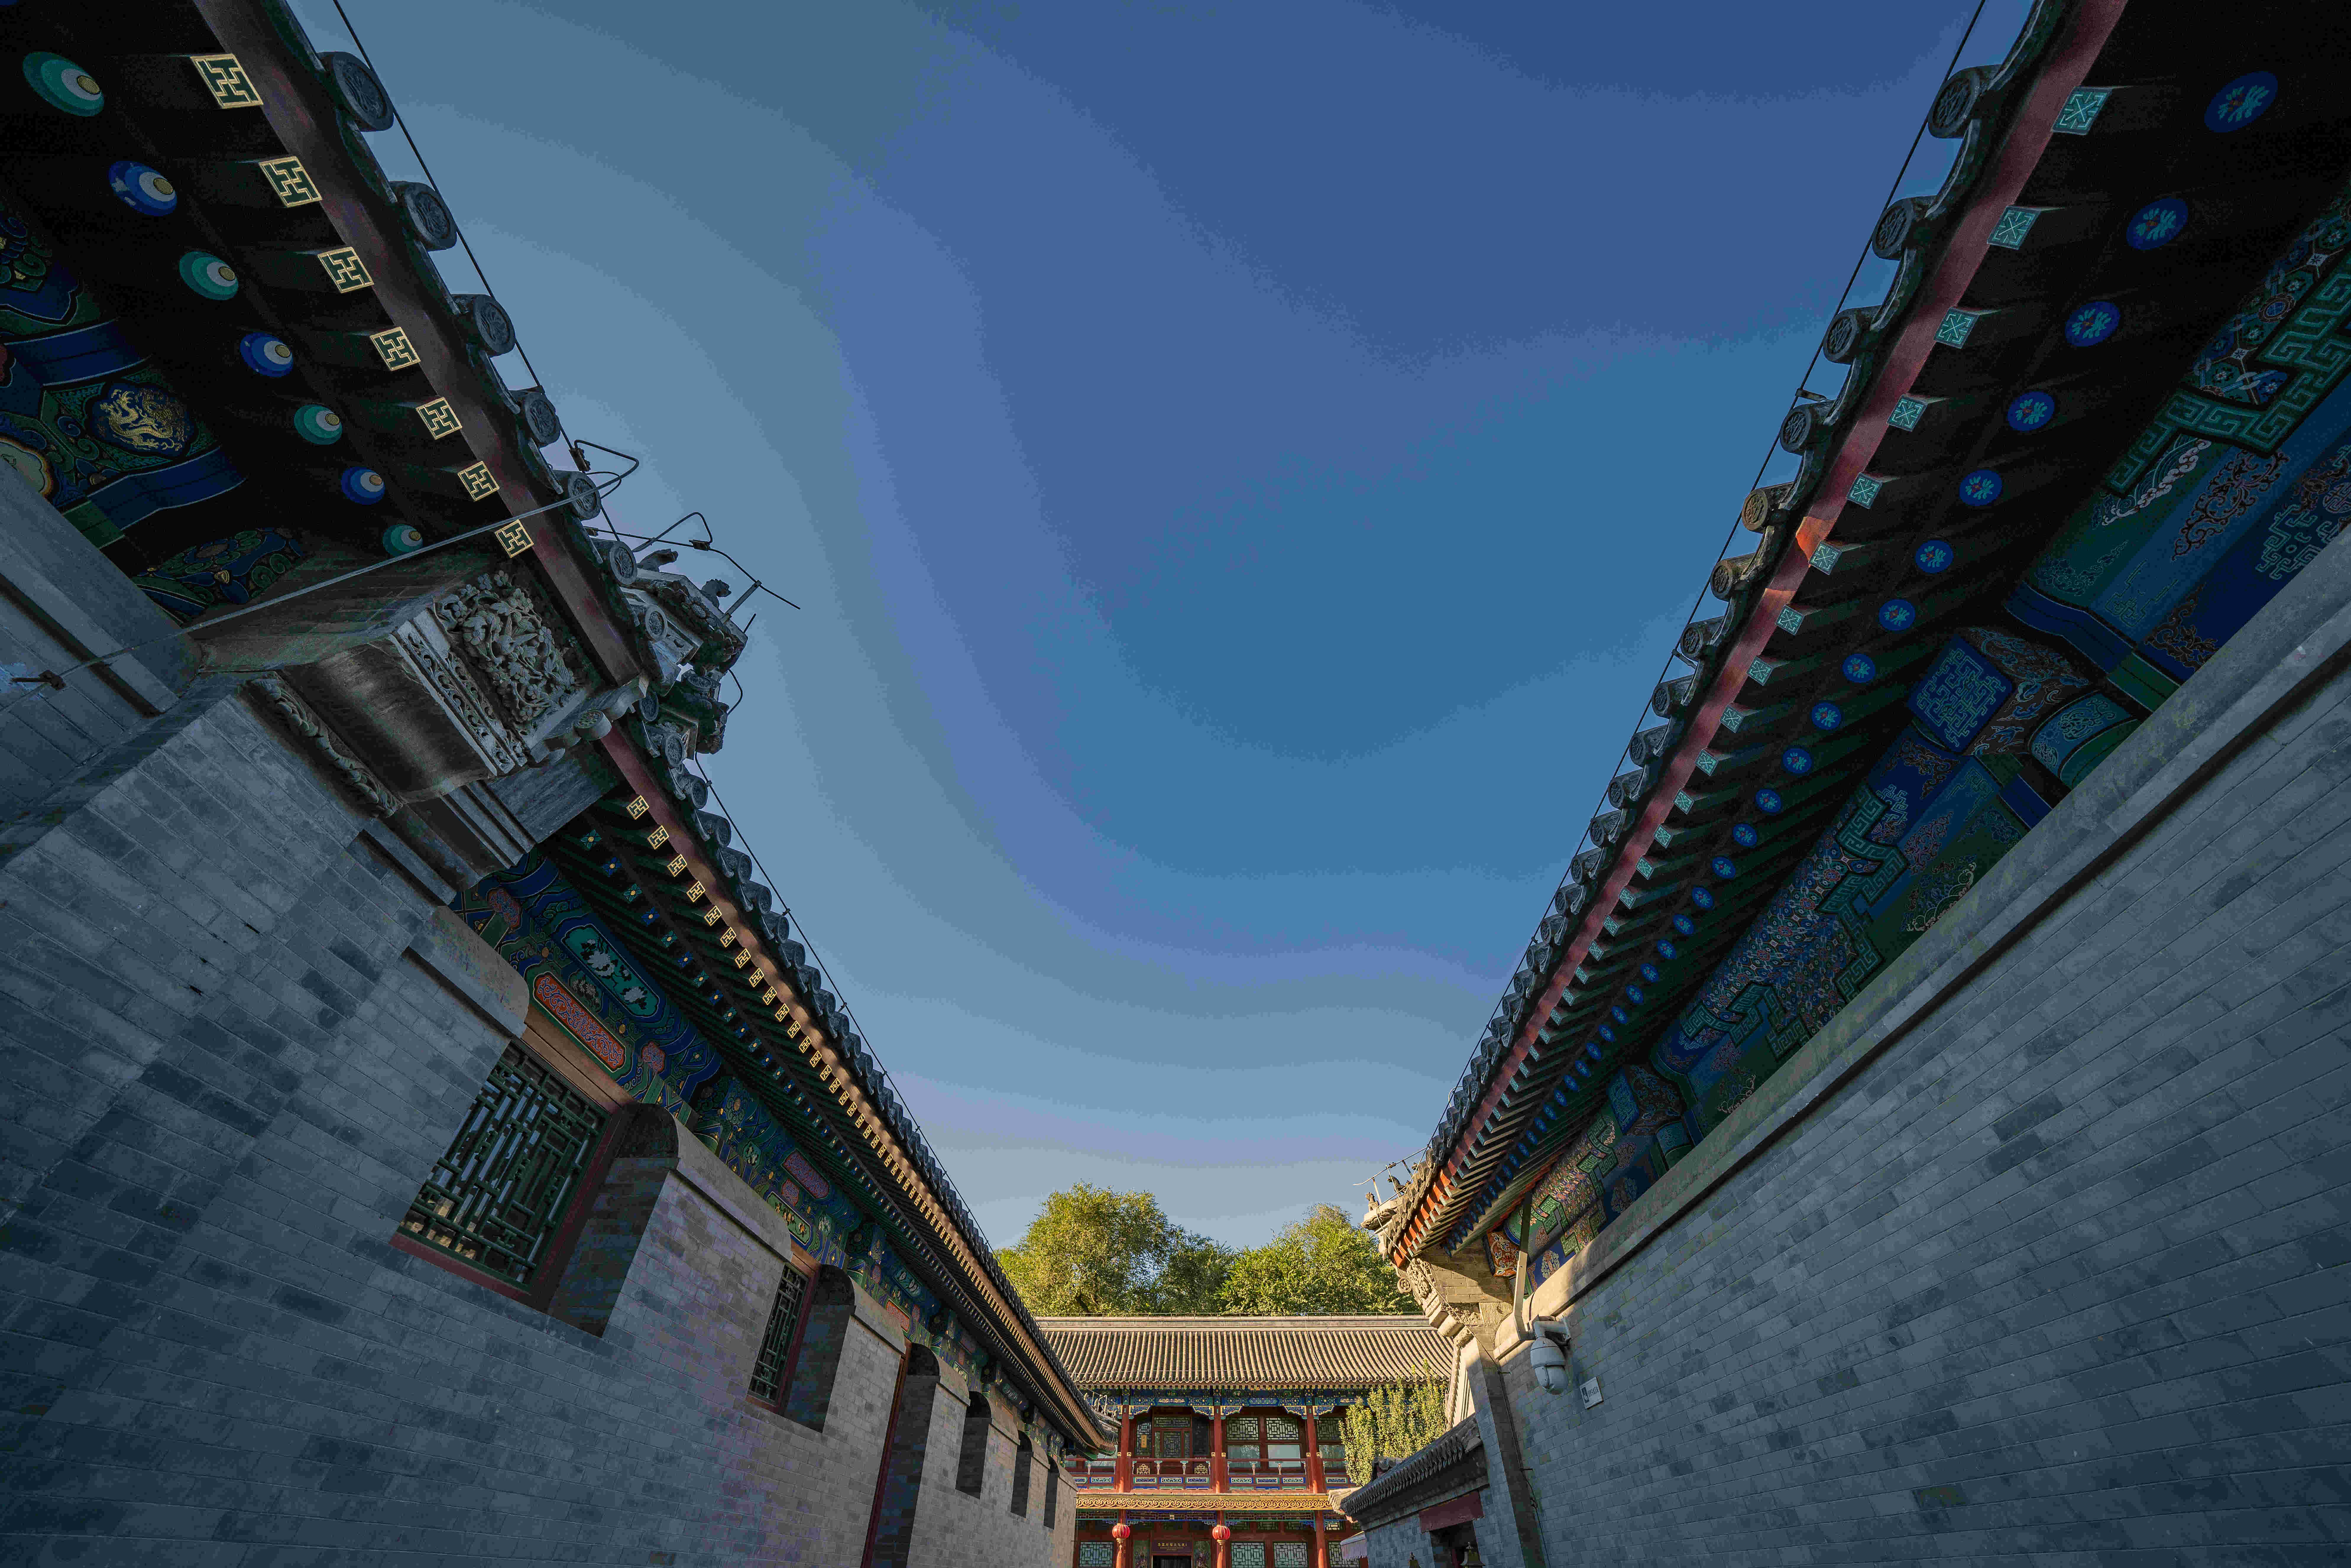 北京周边游古北水镇两日游司马台夜游长城赏音乐水舞秀